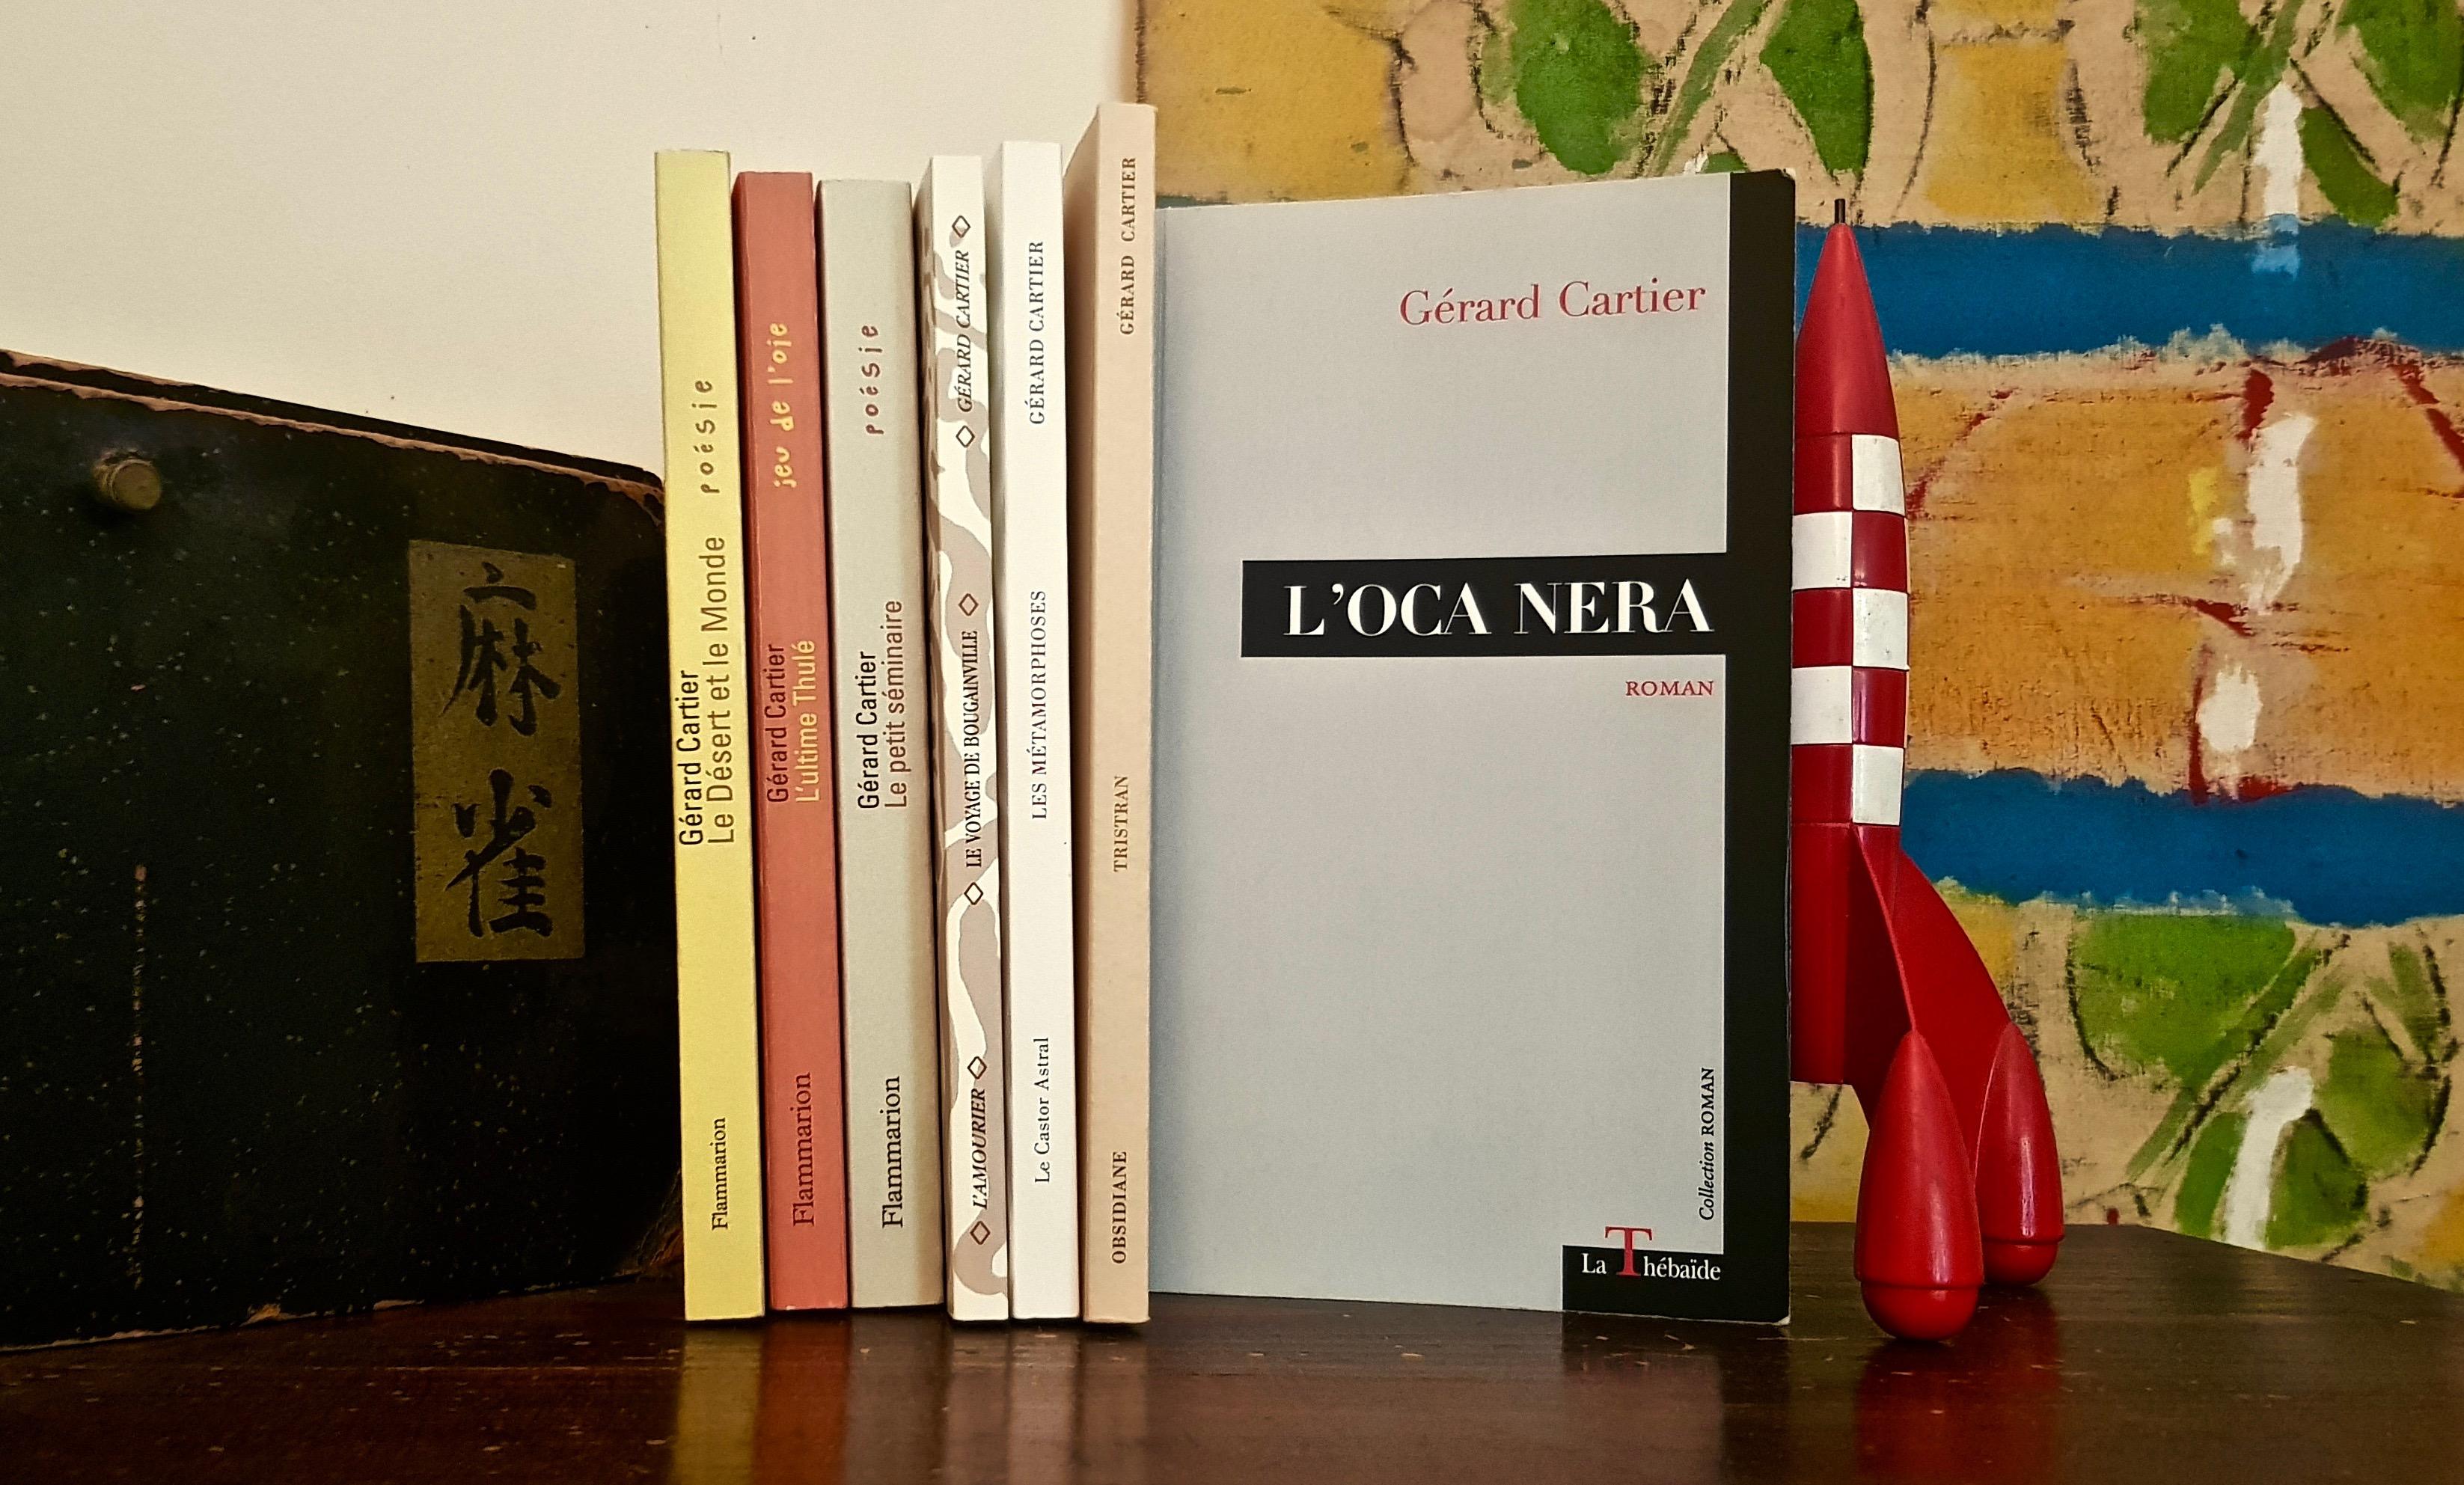 Gérard Cartier : «La géographie est l'une des composantes majeures de L'Oca nera» (Le grand entretien)